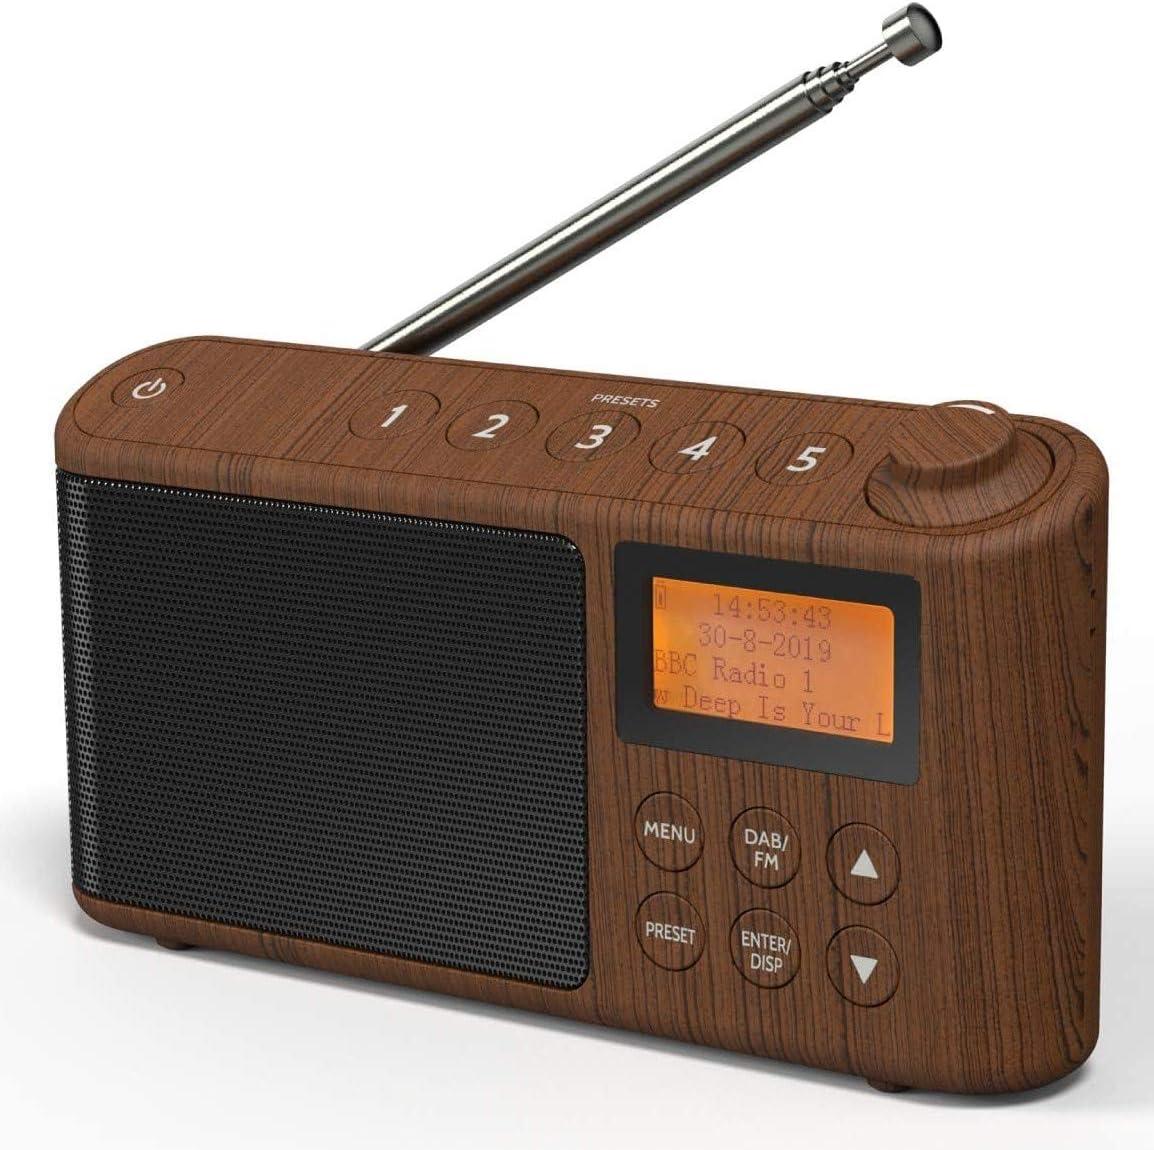 Dab Dab Plus Fm Radio Small Digital Radio Portable Elektronik